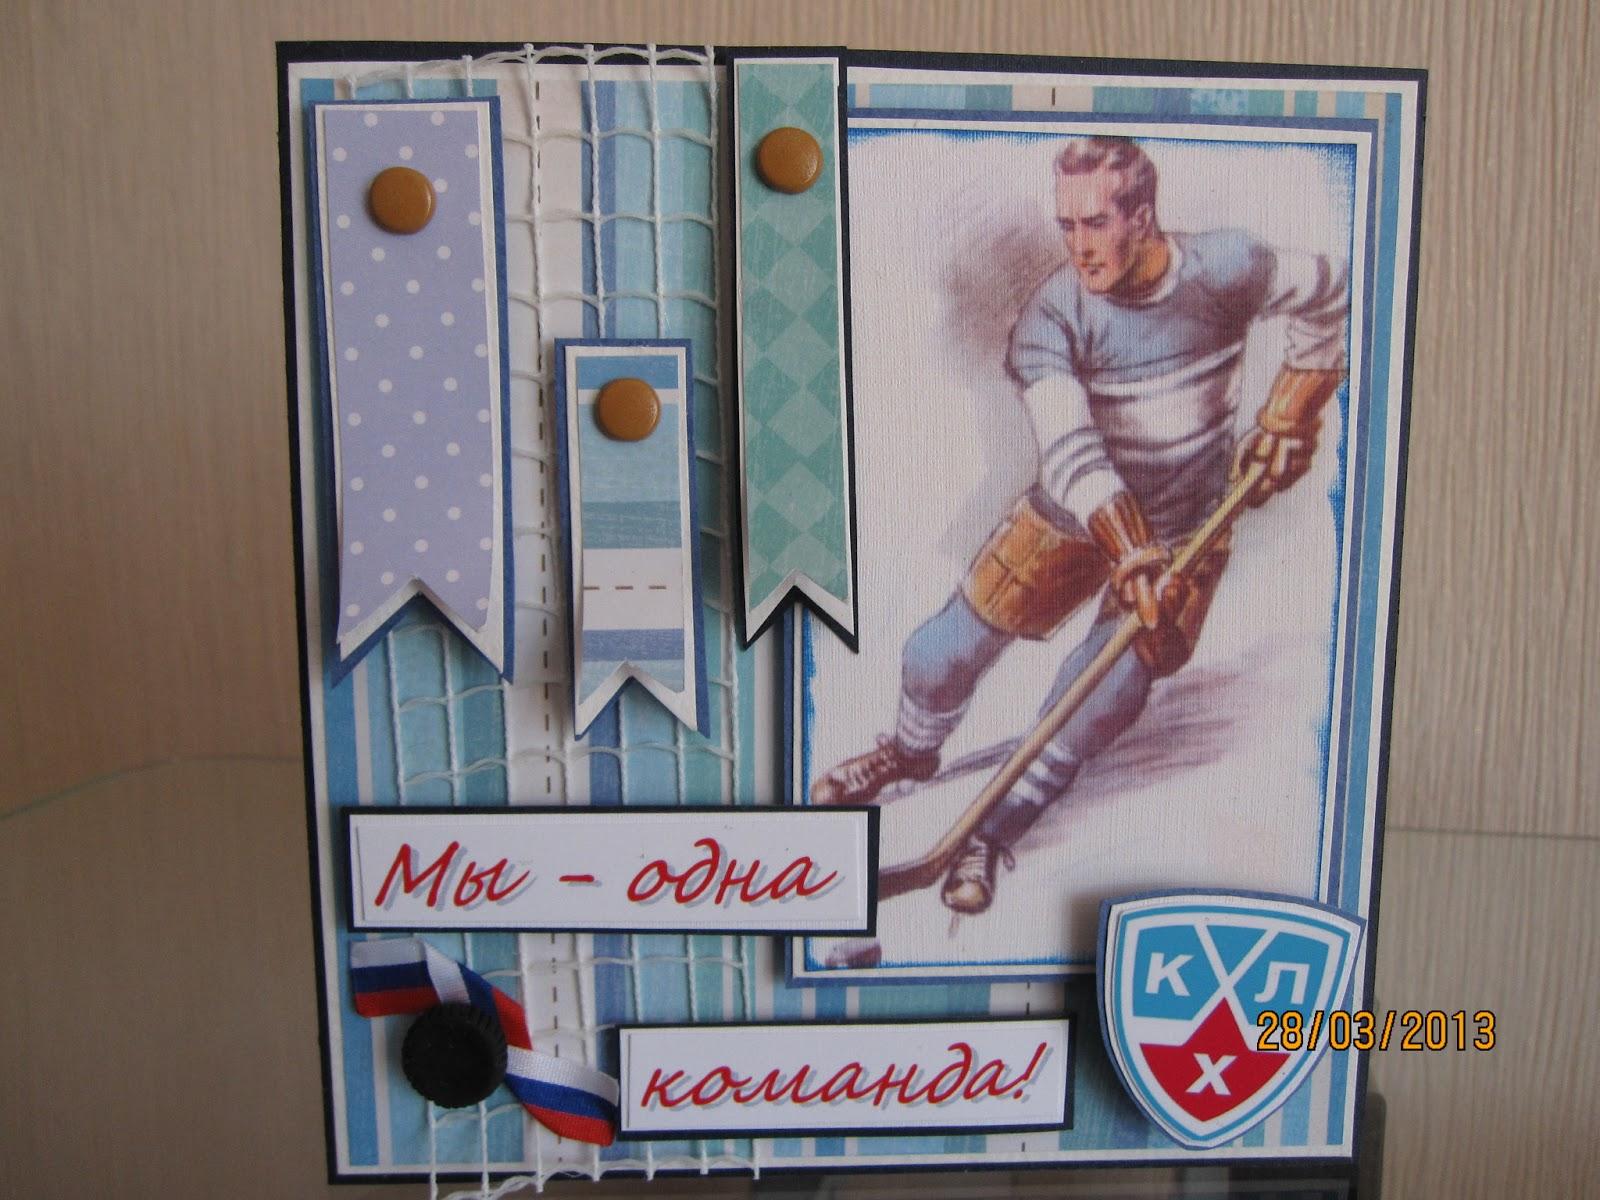 Поздравления с днём рождения хоккеиста